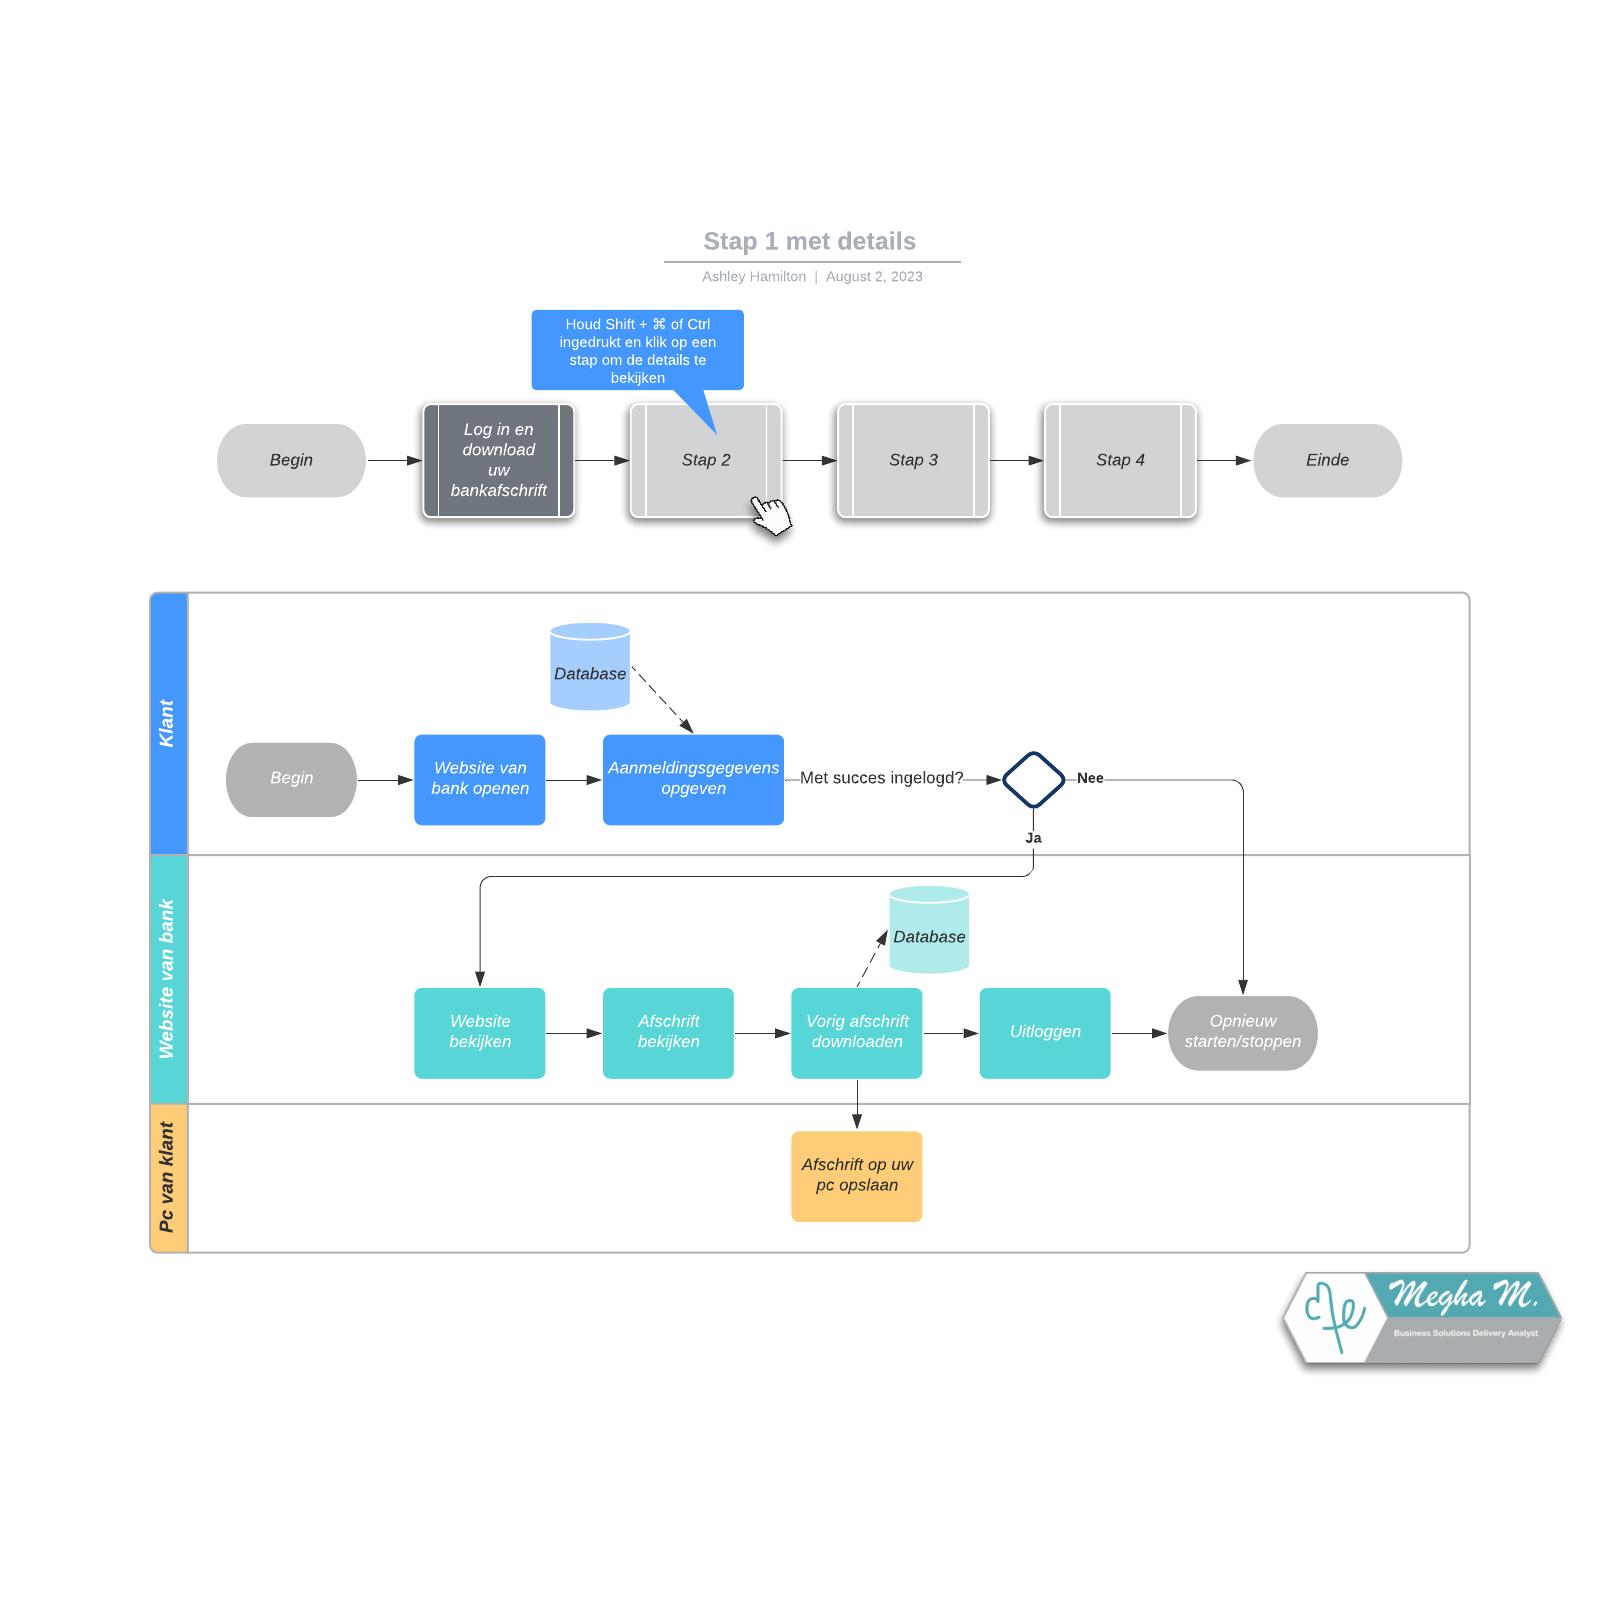 Voorbeeld van overzicht stroomdiagram met details